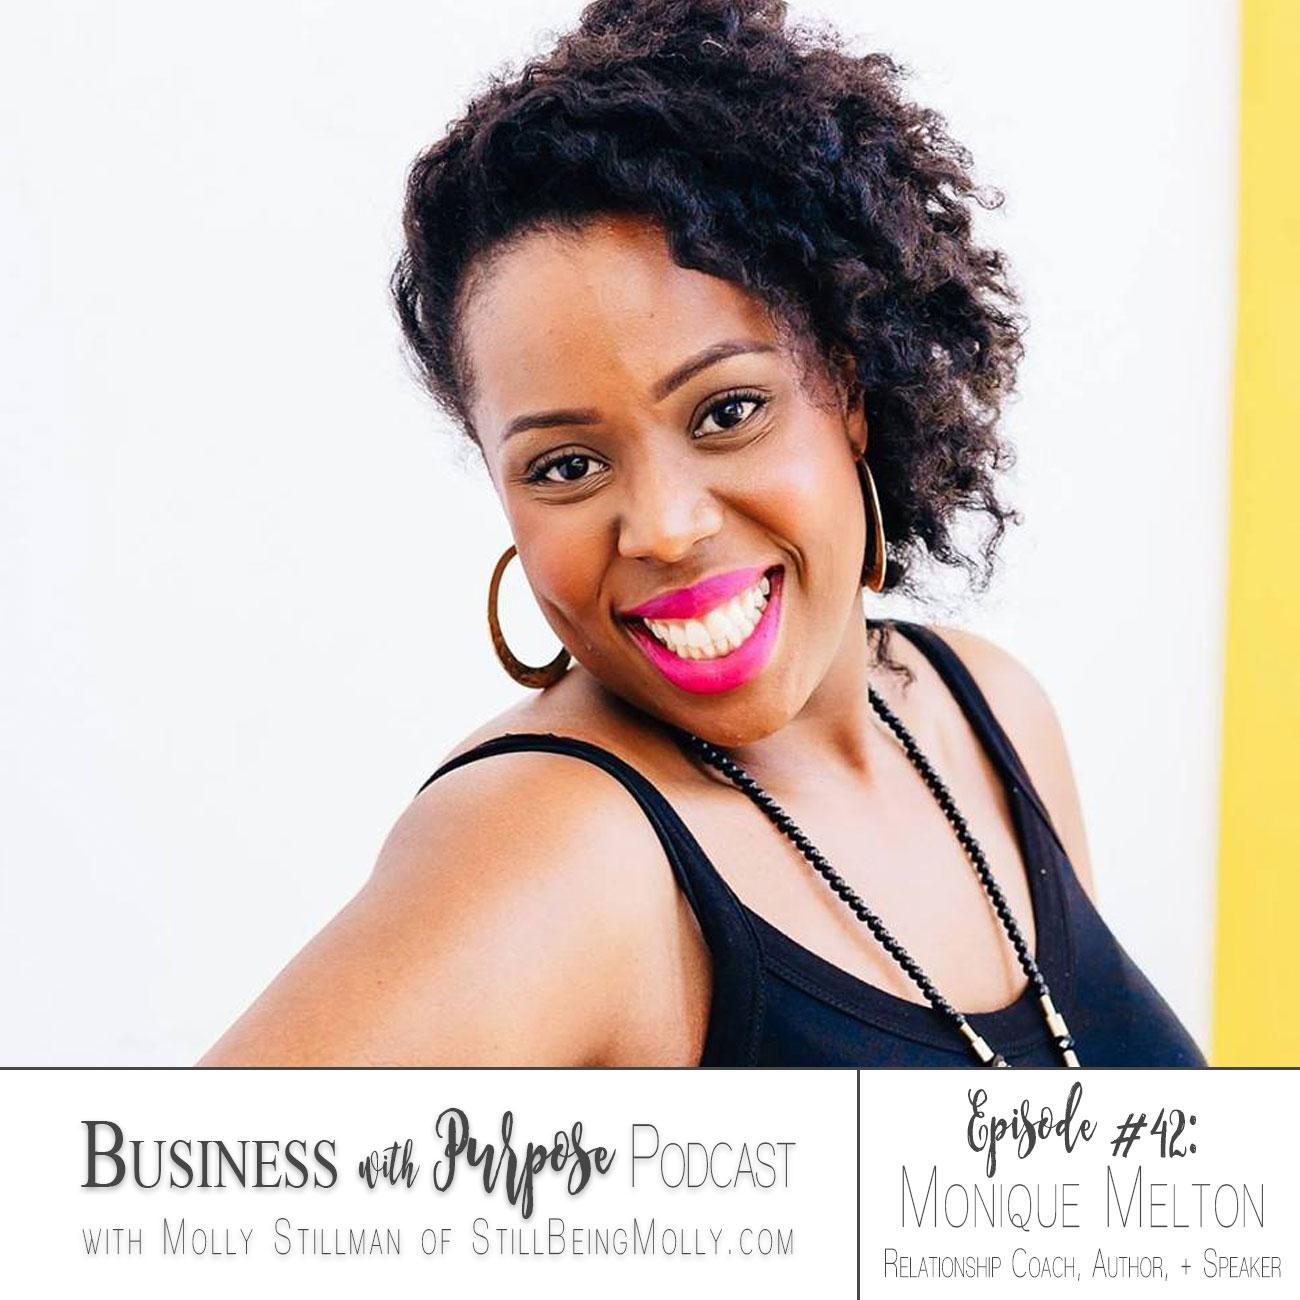 EP 42: Monique Melton - Author, Speaker, & Relationship Coach on Purposeful Relationships, Faith, Compassion, & Race Reconciliation